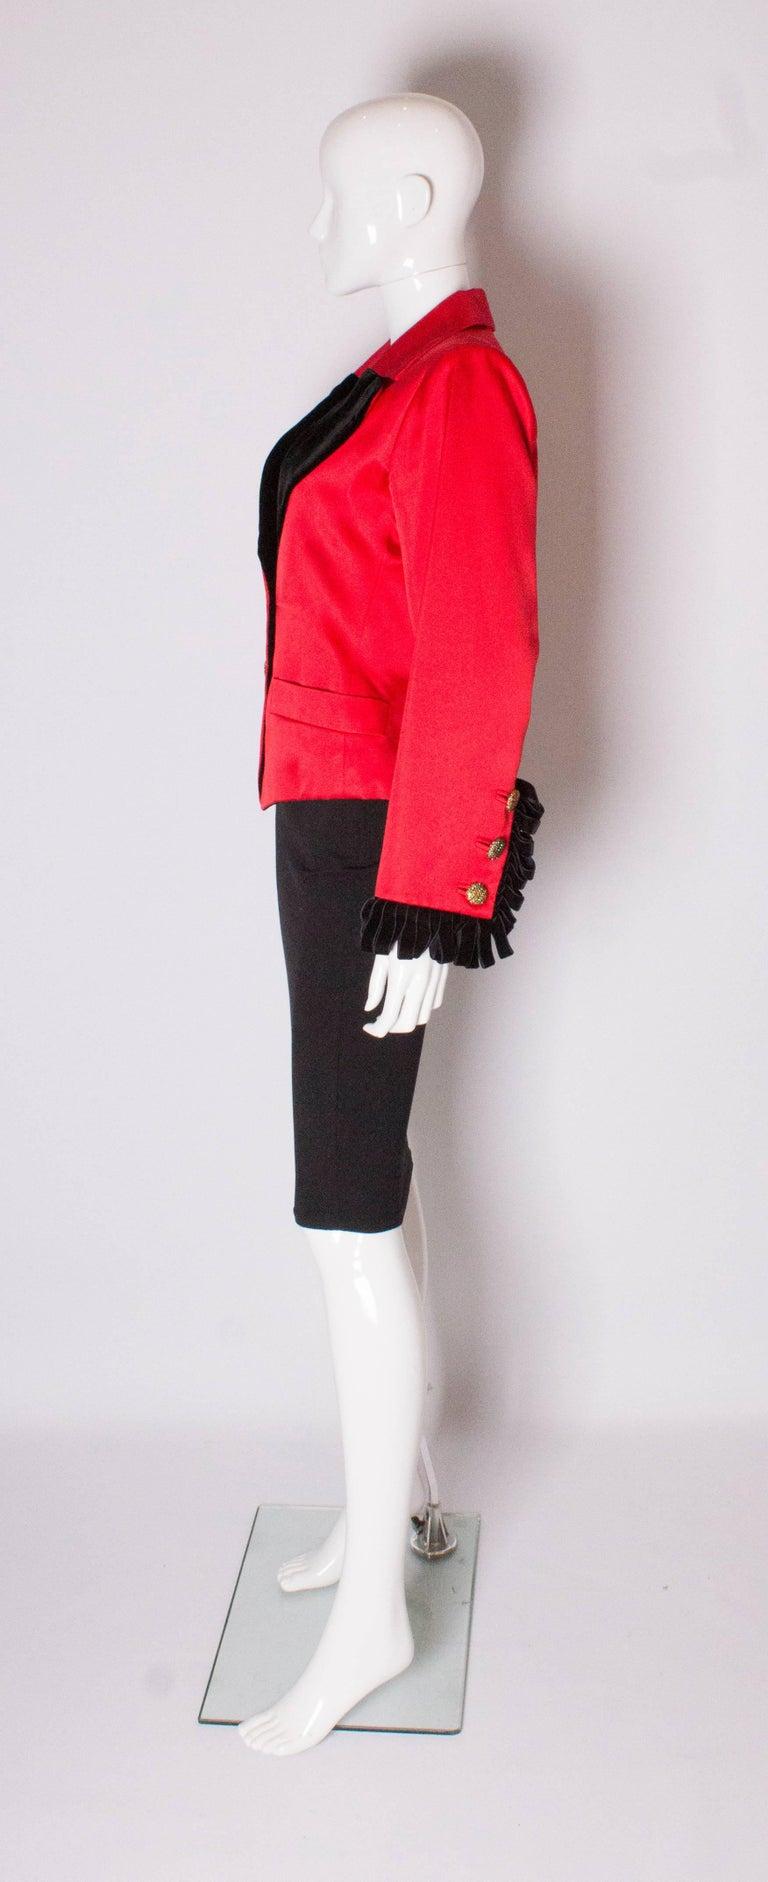 Women's Yves Saint Laurent Rive Gauche Red Vintage Jacket For Sale